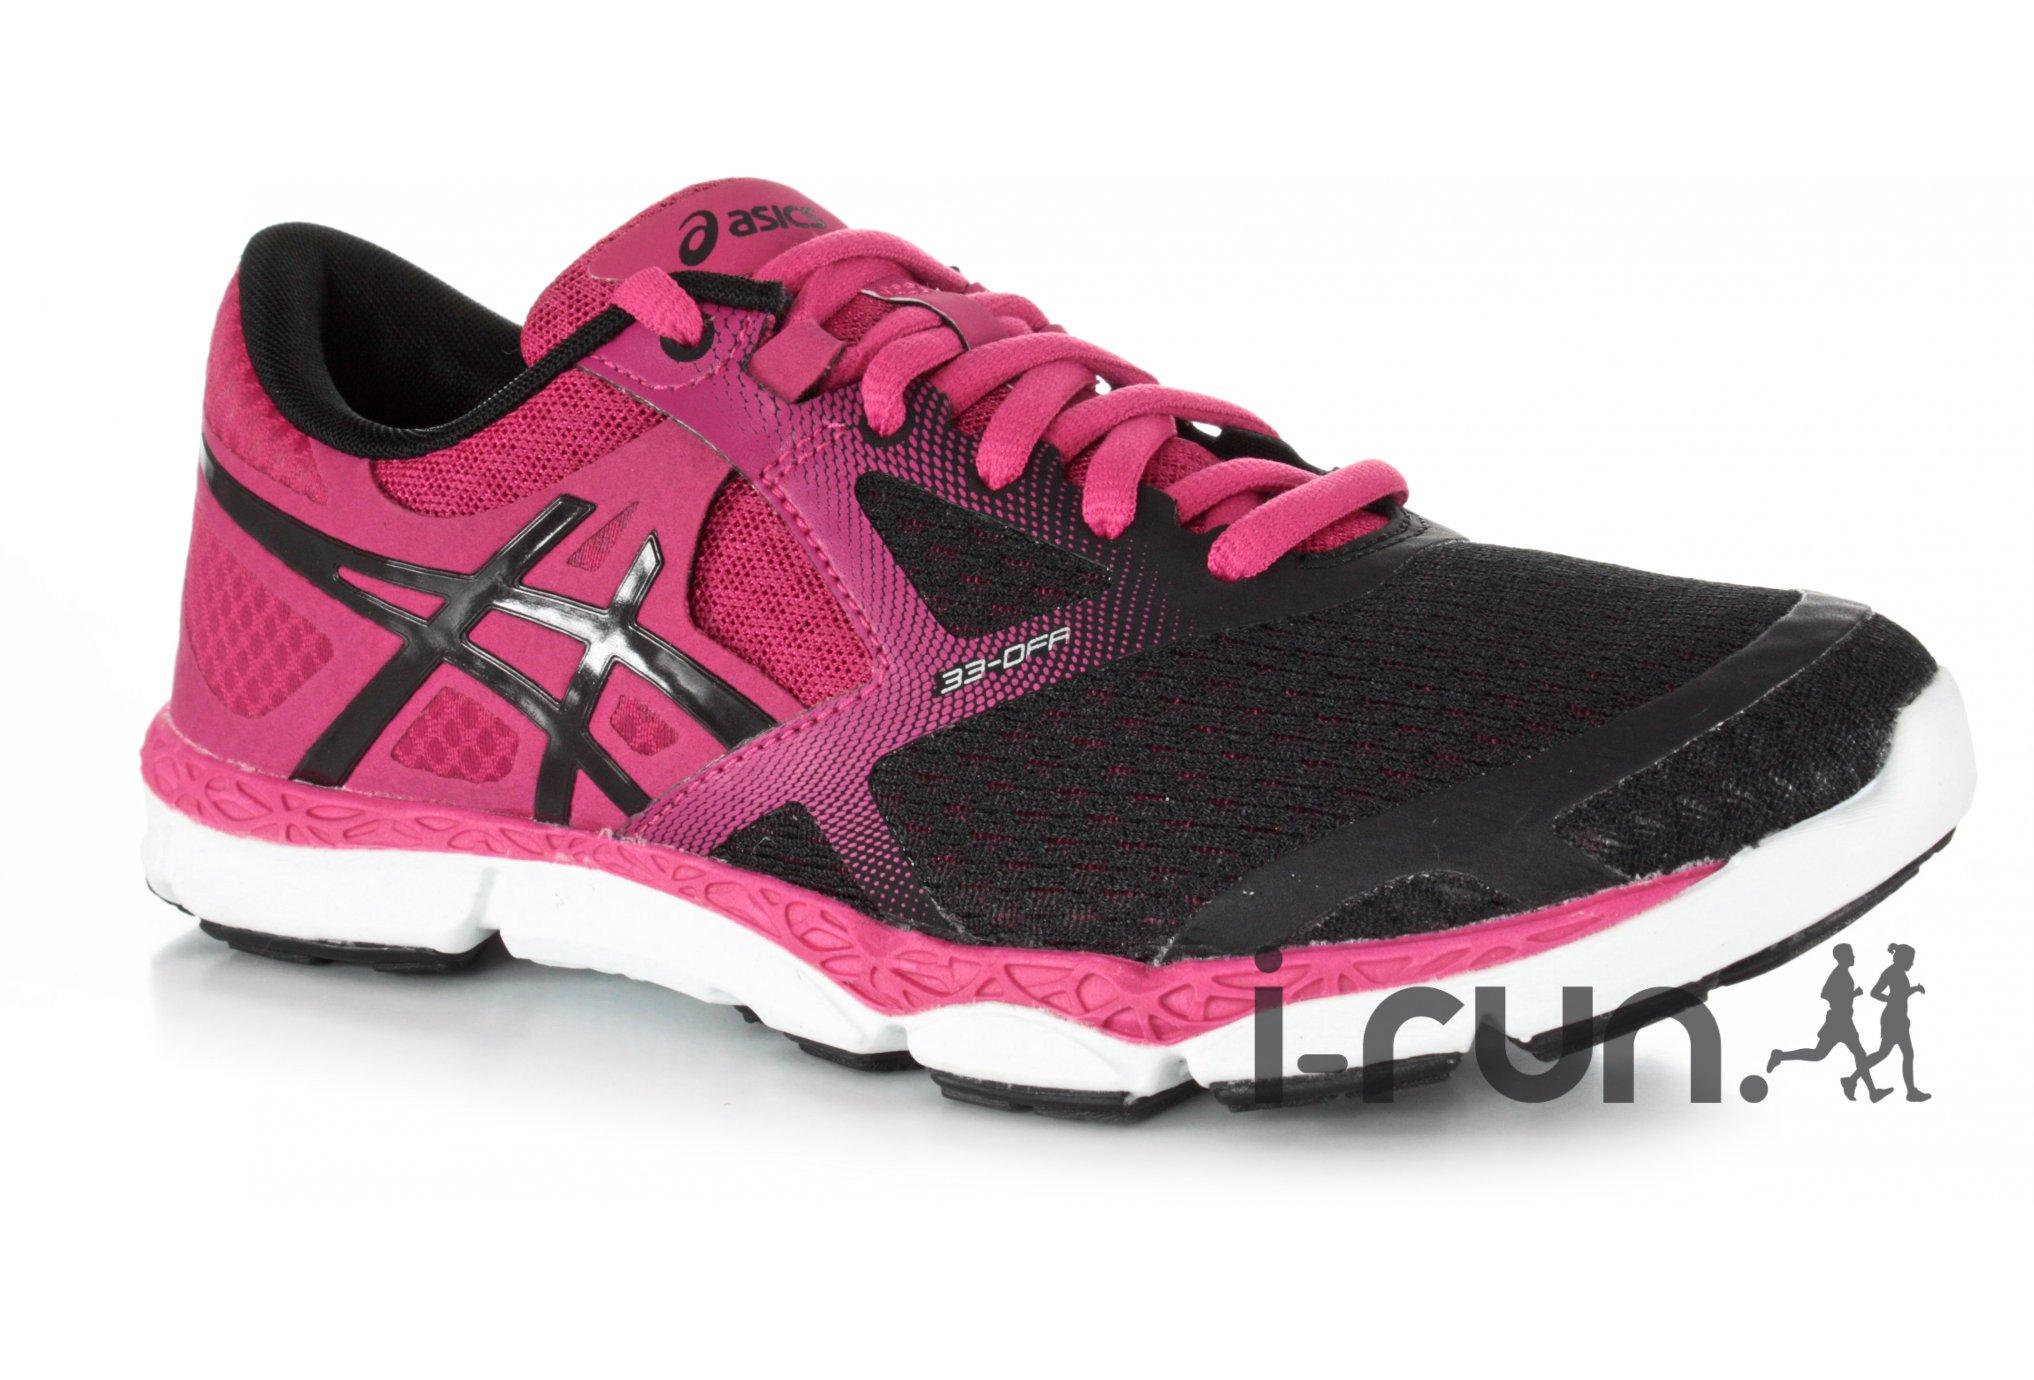 Asics 33-Dfa w diététique chaussures femme